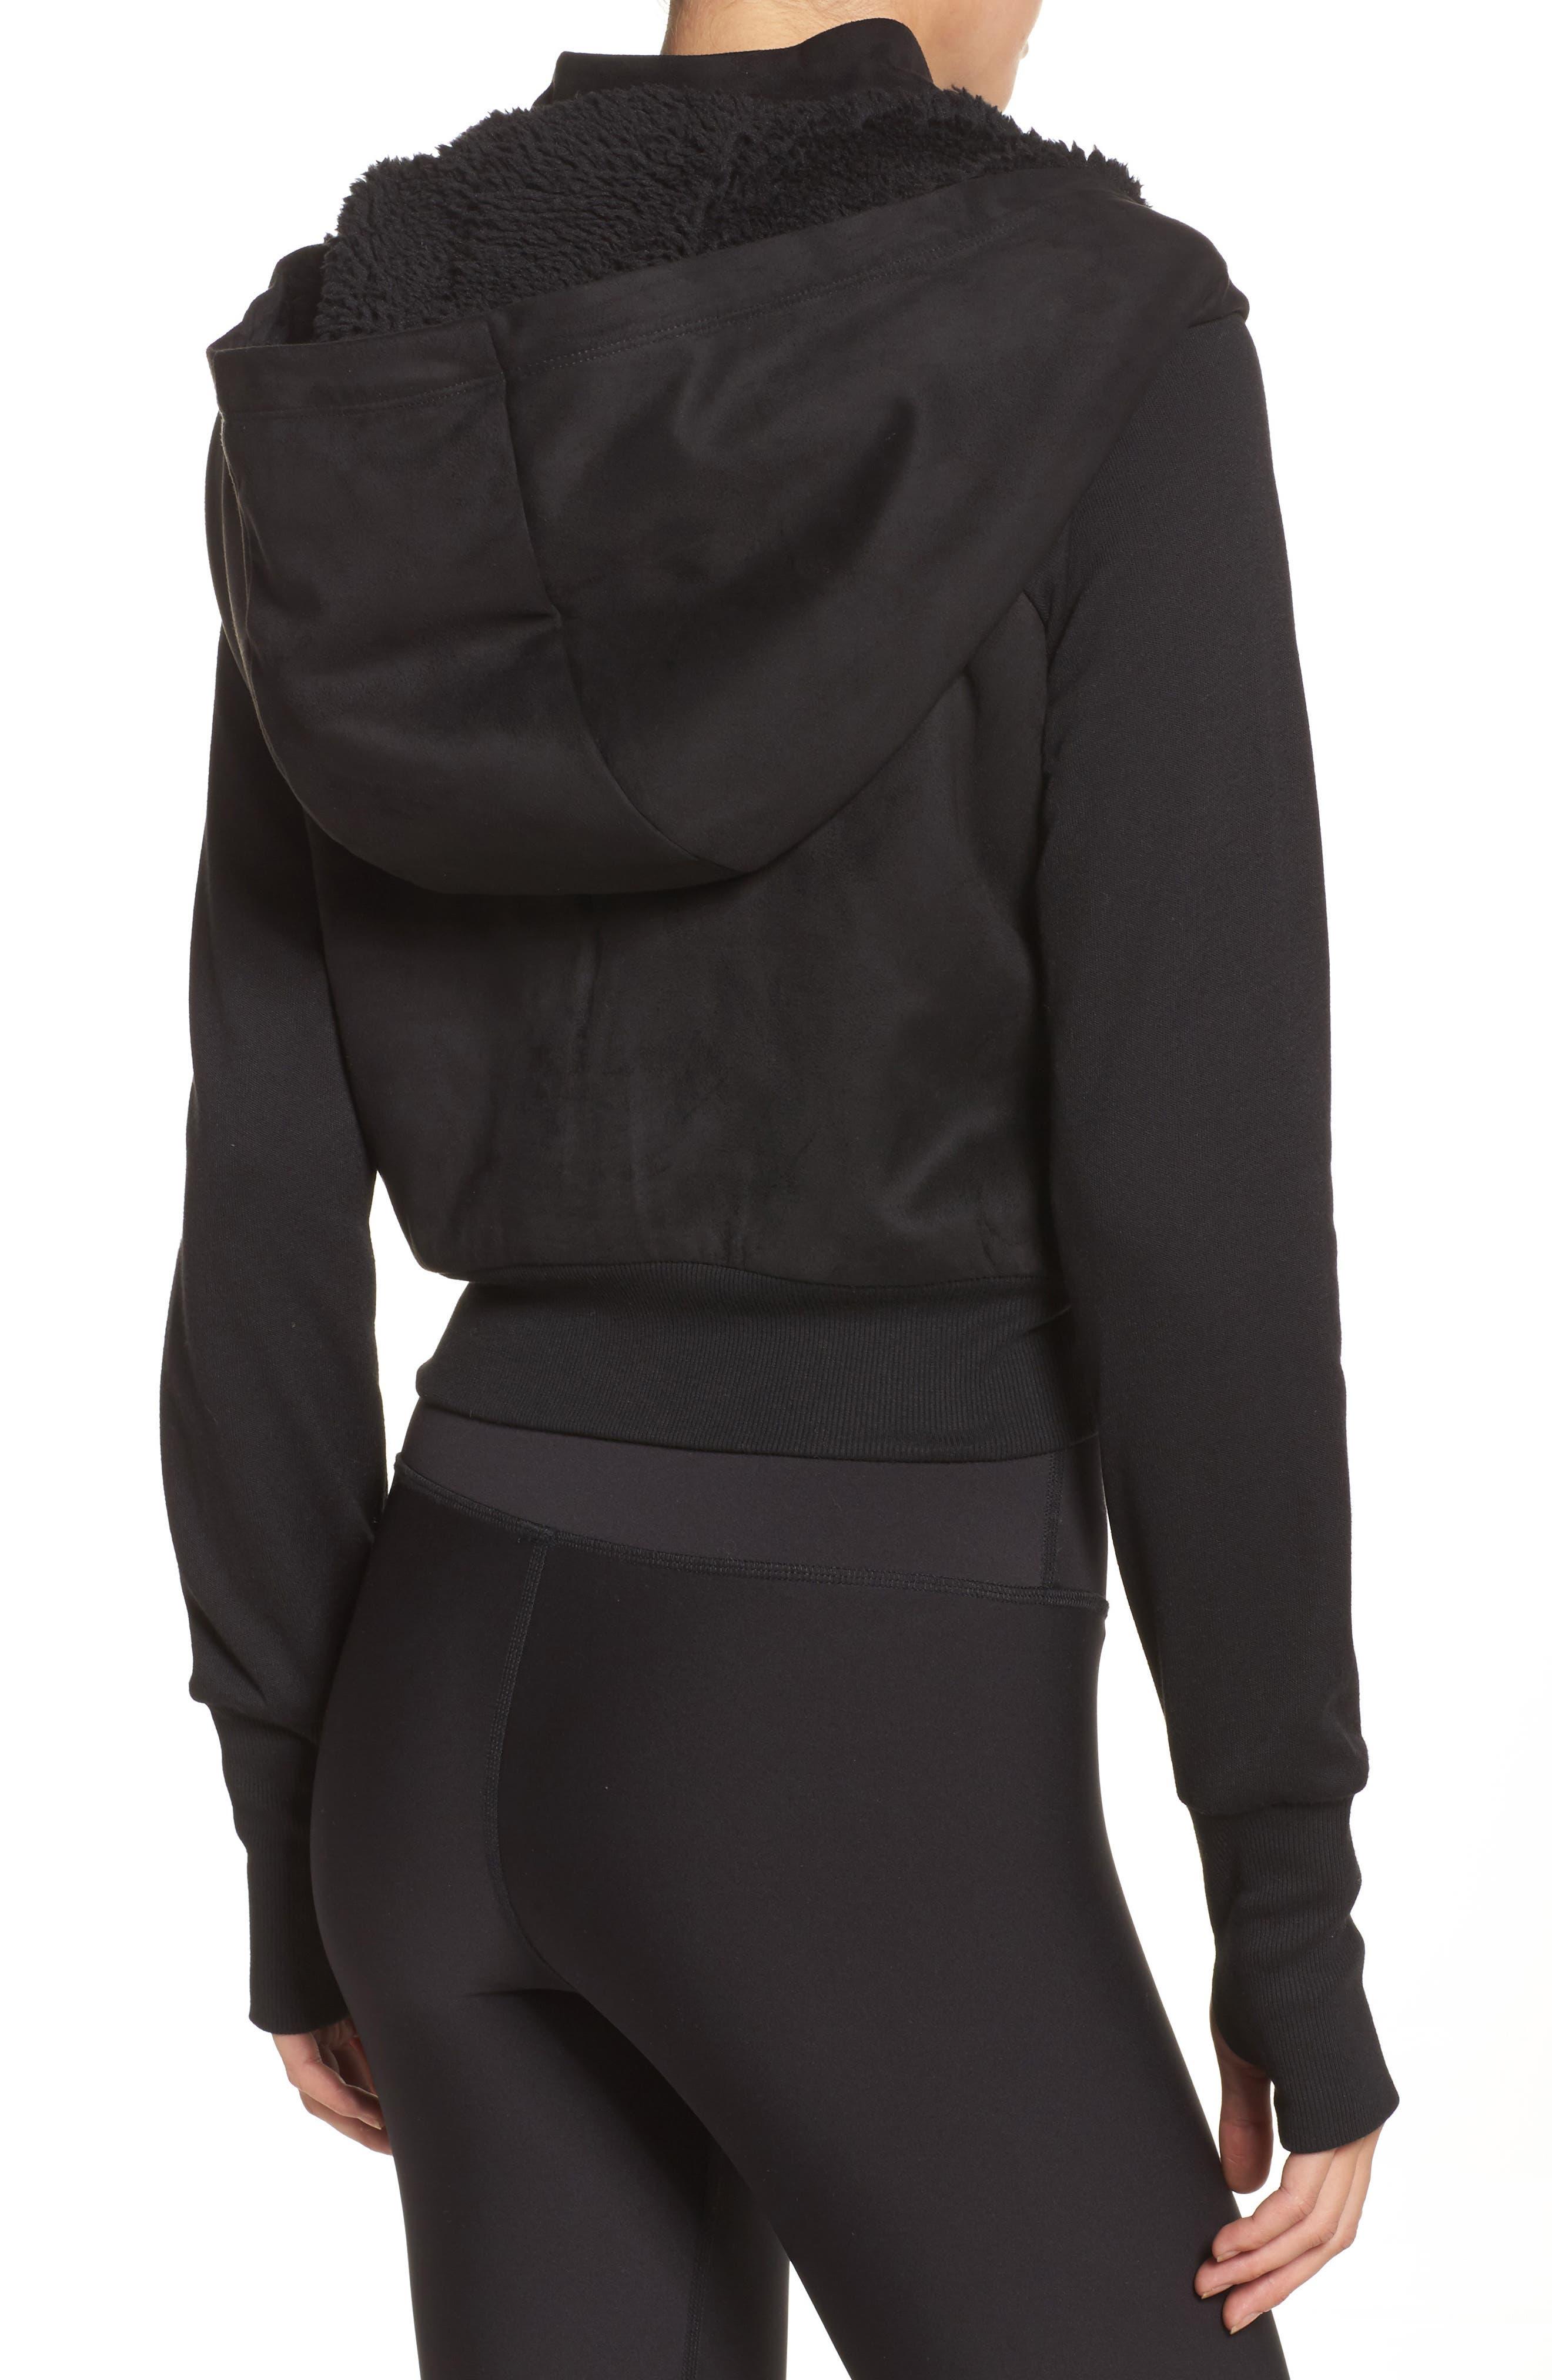 LA Winter Faux Fur Lined Jacket,                             Alternate thumbnail 2, color,                             Black